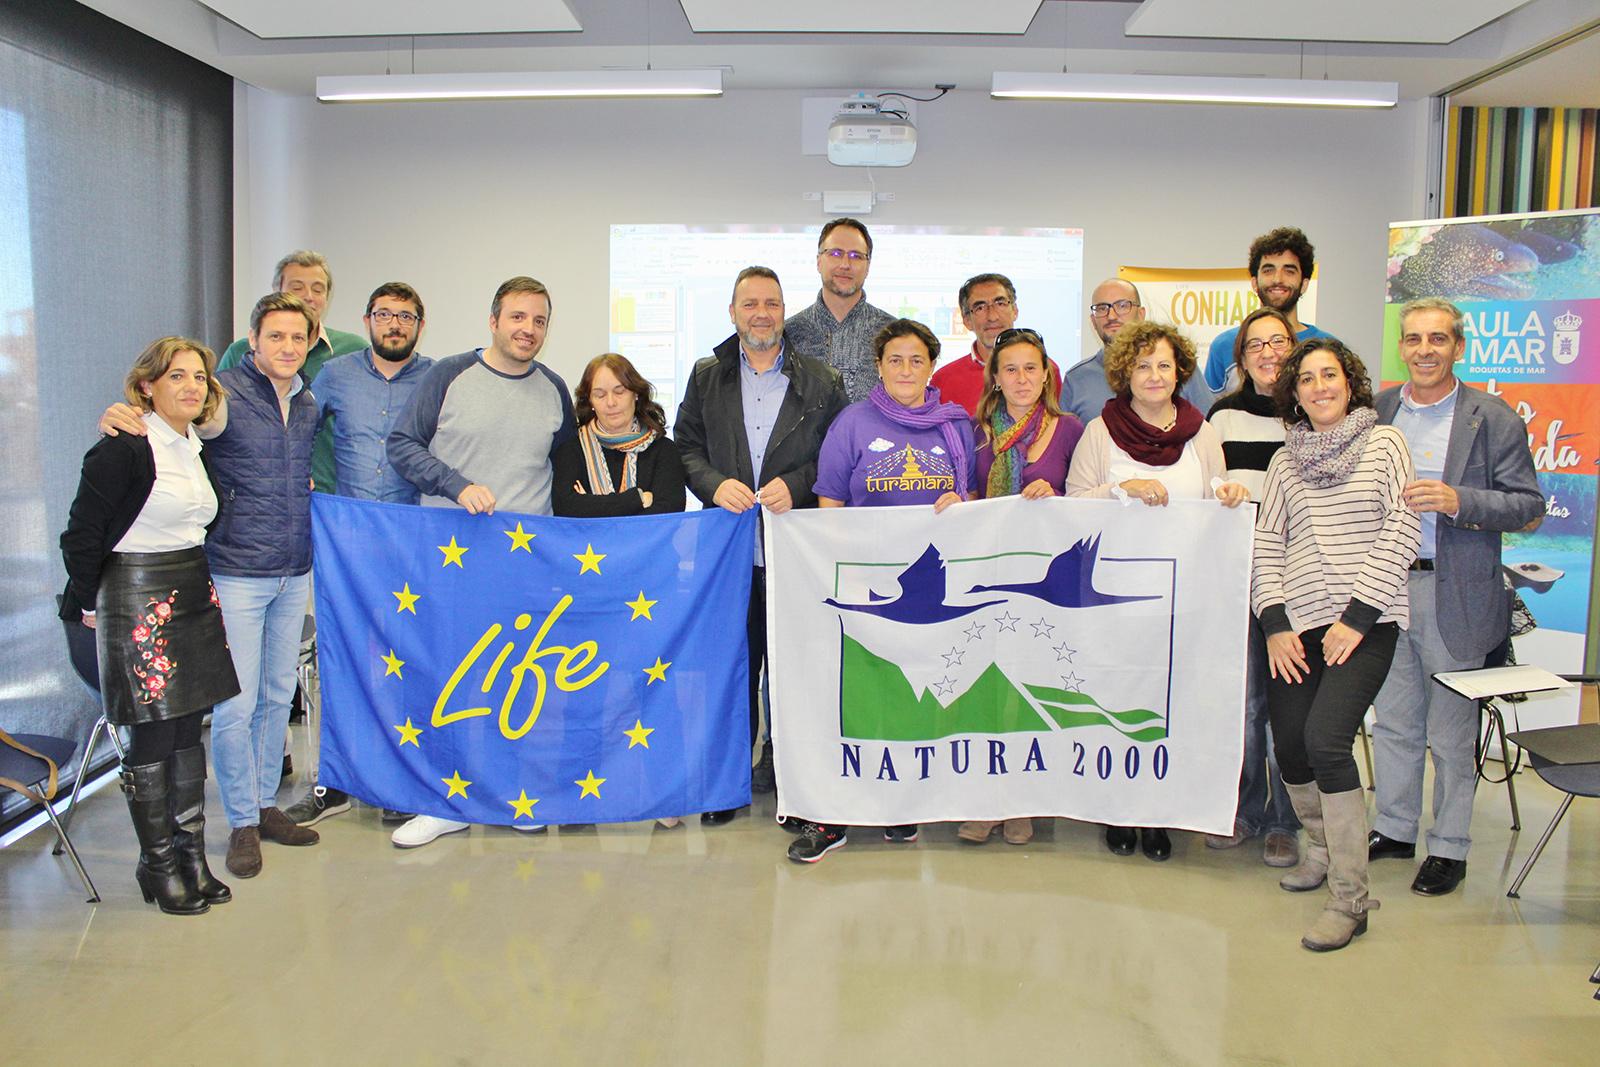 La puesta en valor y el uso sostenible de los espacios naturales a través del proyecto Life Conhabit